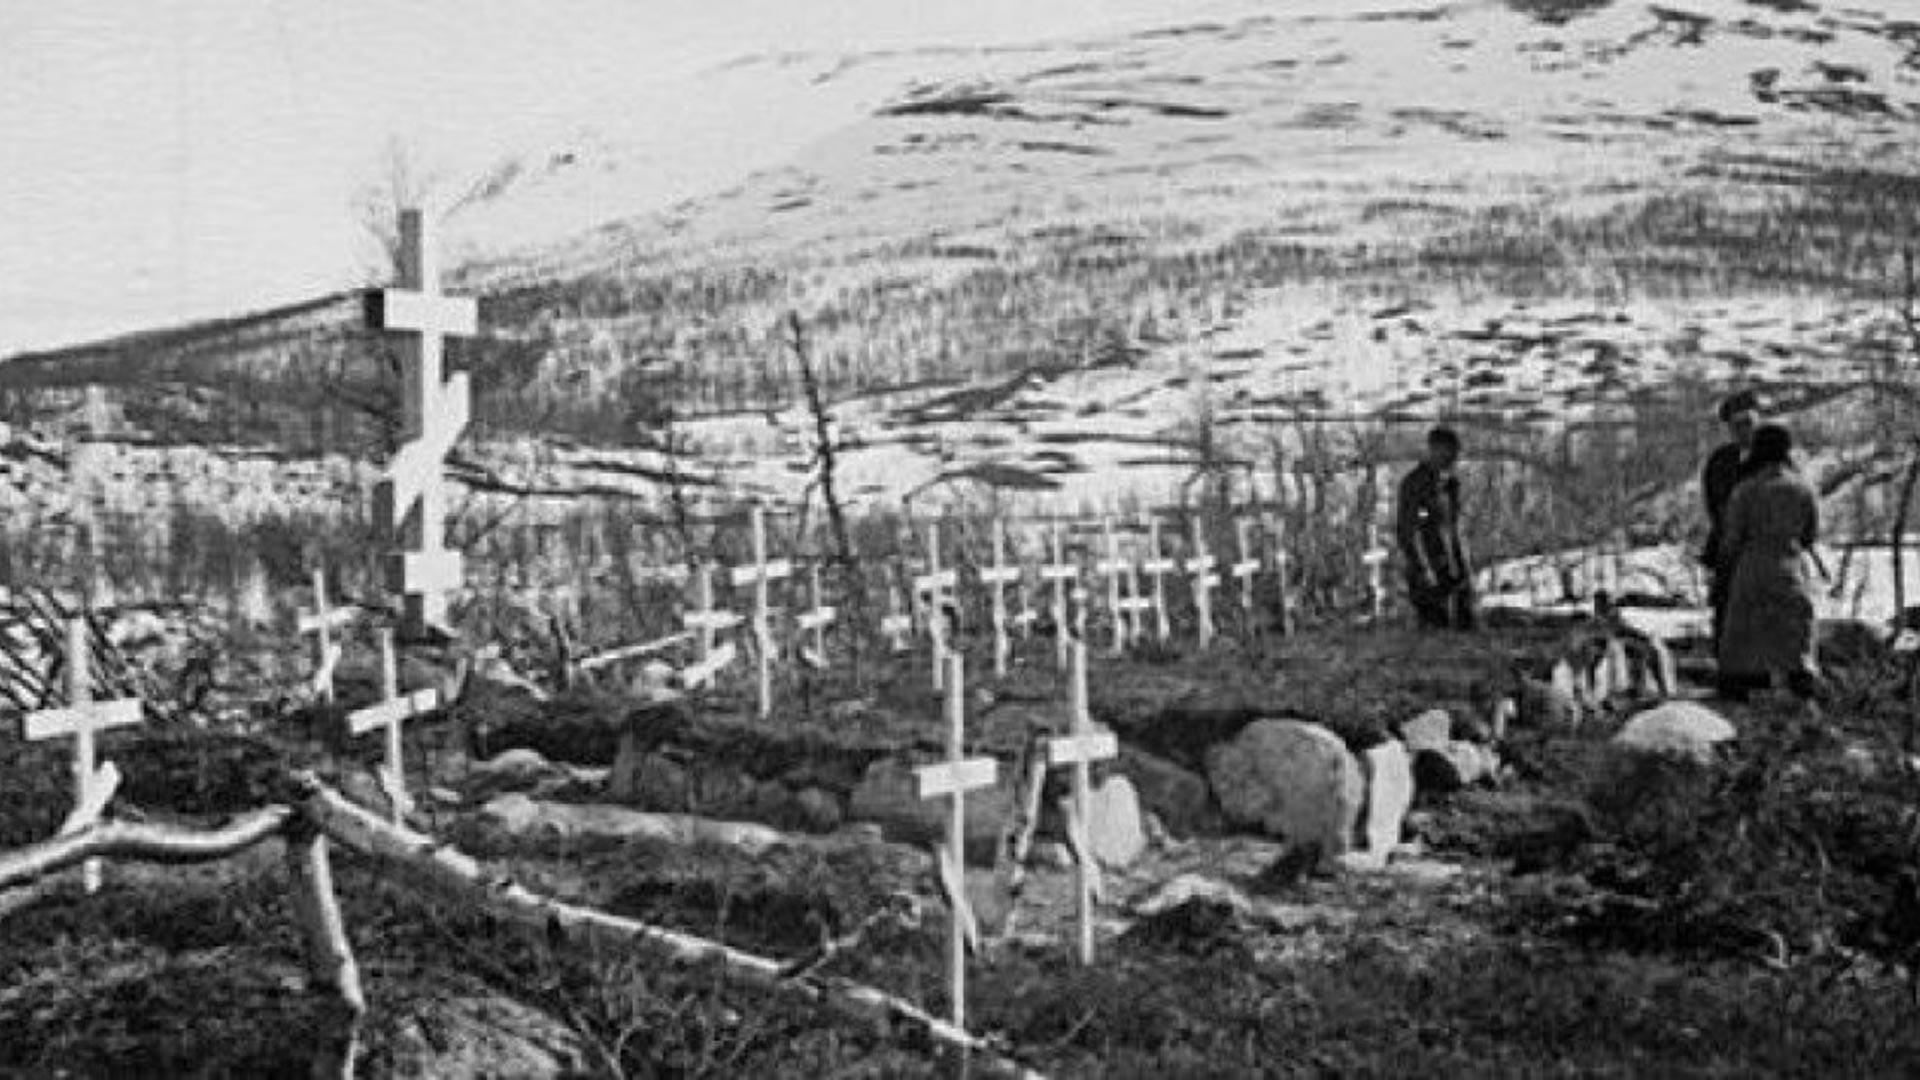 Sowjetischer Friedhof im Norden Norwegens